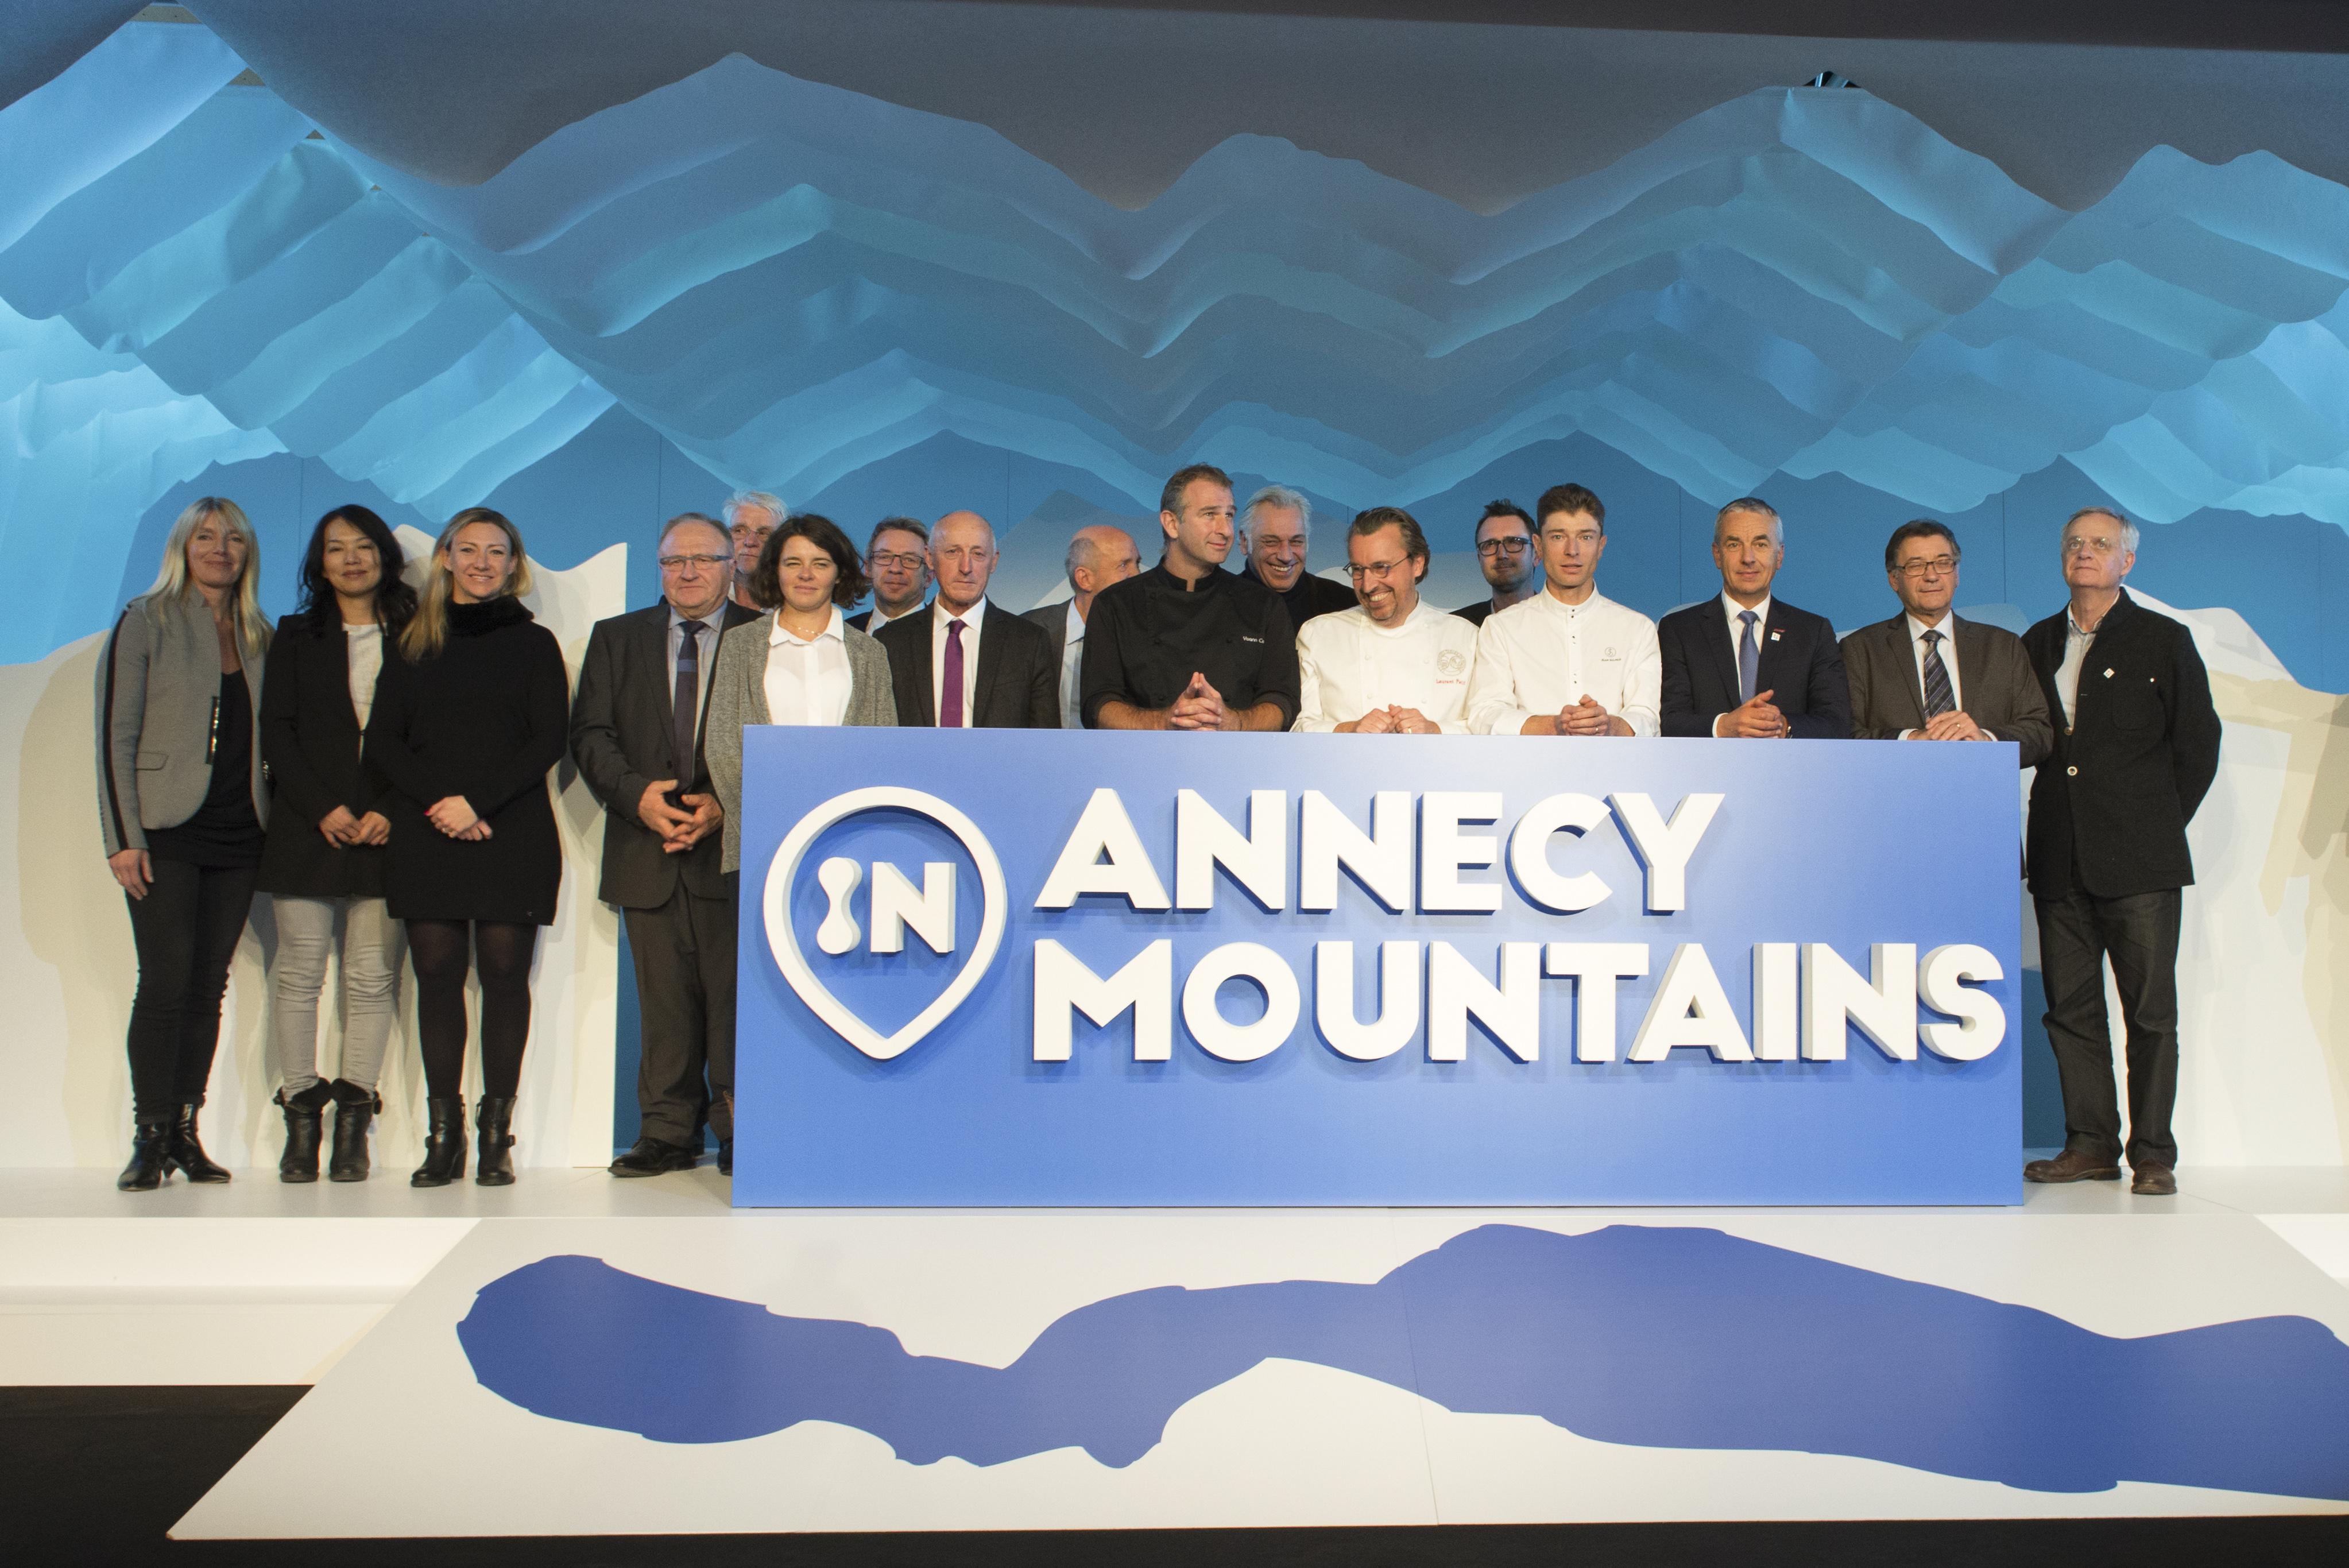 Photo officielle de la soirée de lancement. De gauche à droite: R.Monod Sjostrom, S.Fukuoka, C.Lucine, A.Vittoz, A.Jacquet, S. Becaert, L.Flasseur, G.Fournier, B.Fournier, Y.Conte, S.Thébaut, L.Petit, JB.Lissonde, J.Sulpice, JL.Rigaut, M.Coutin, C.Vermesch